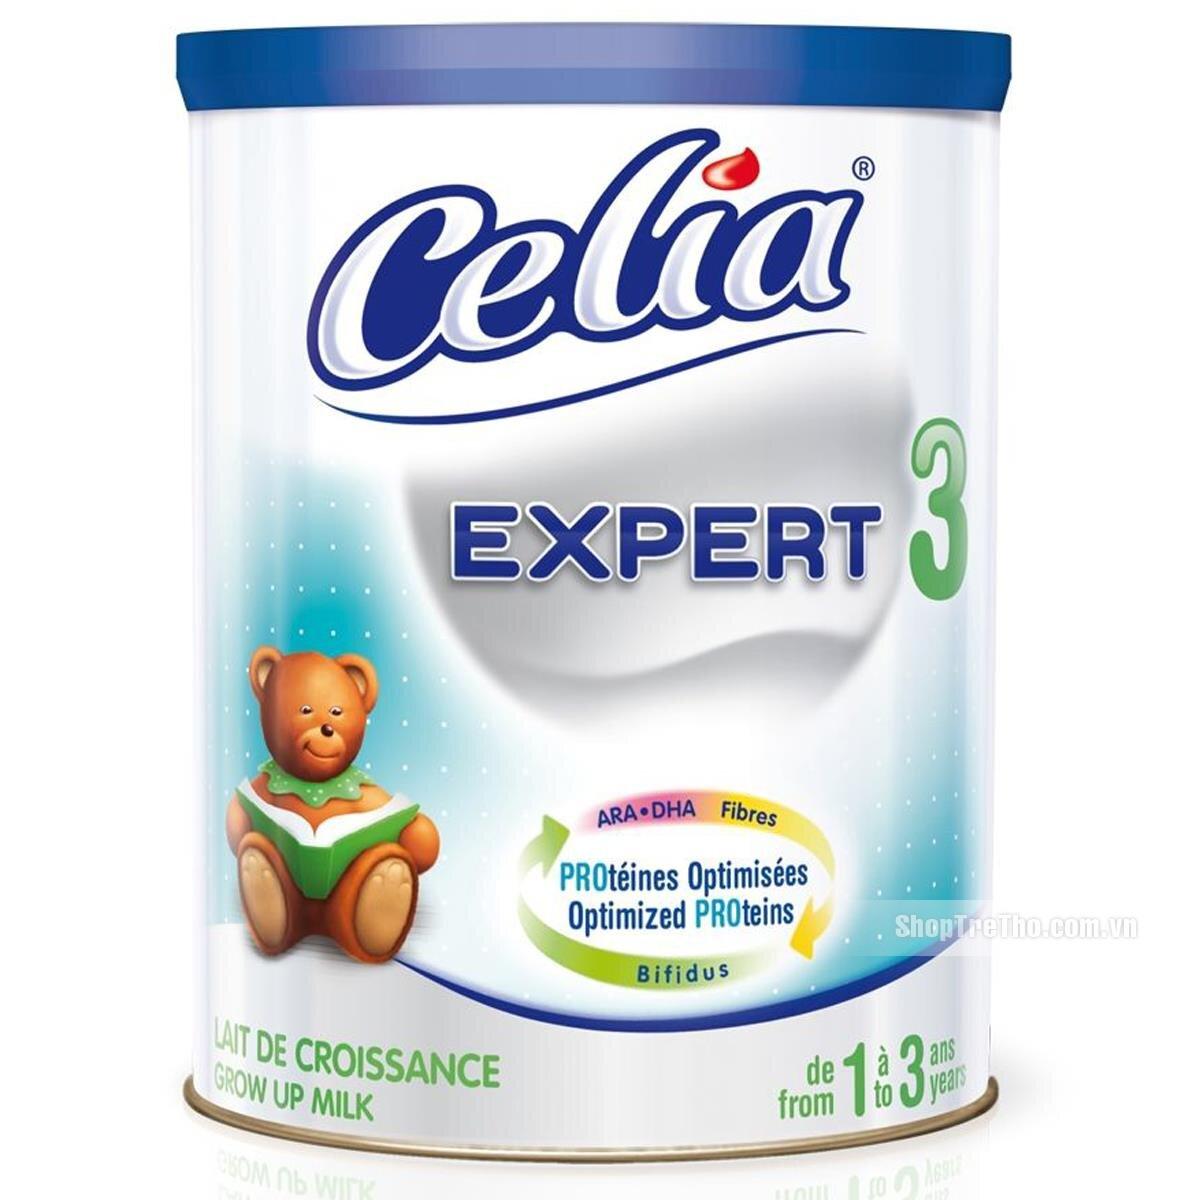 Sữa bột Celia Expert 3 dinh dưỡng cho bé từ 1 đến 3 tuổi